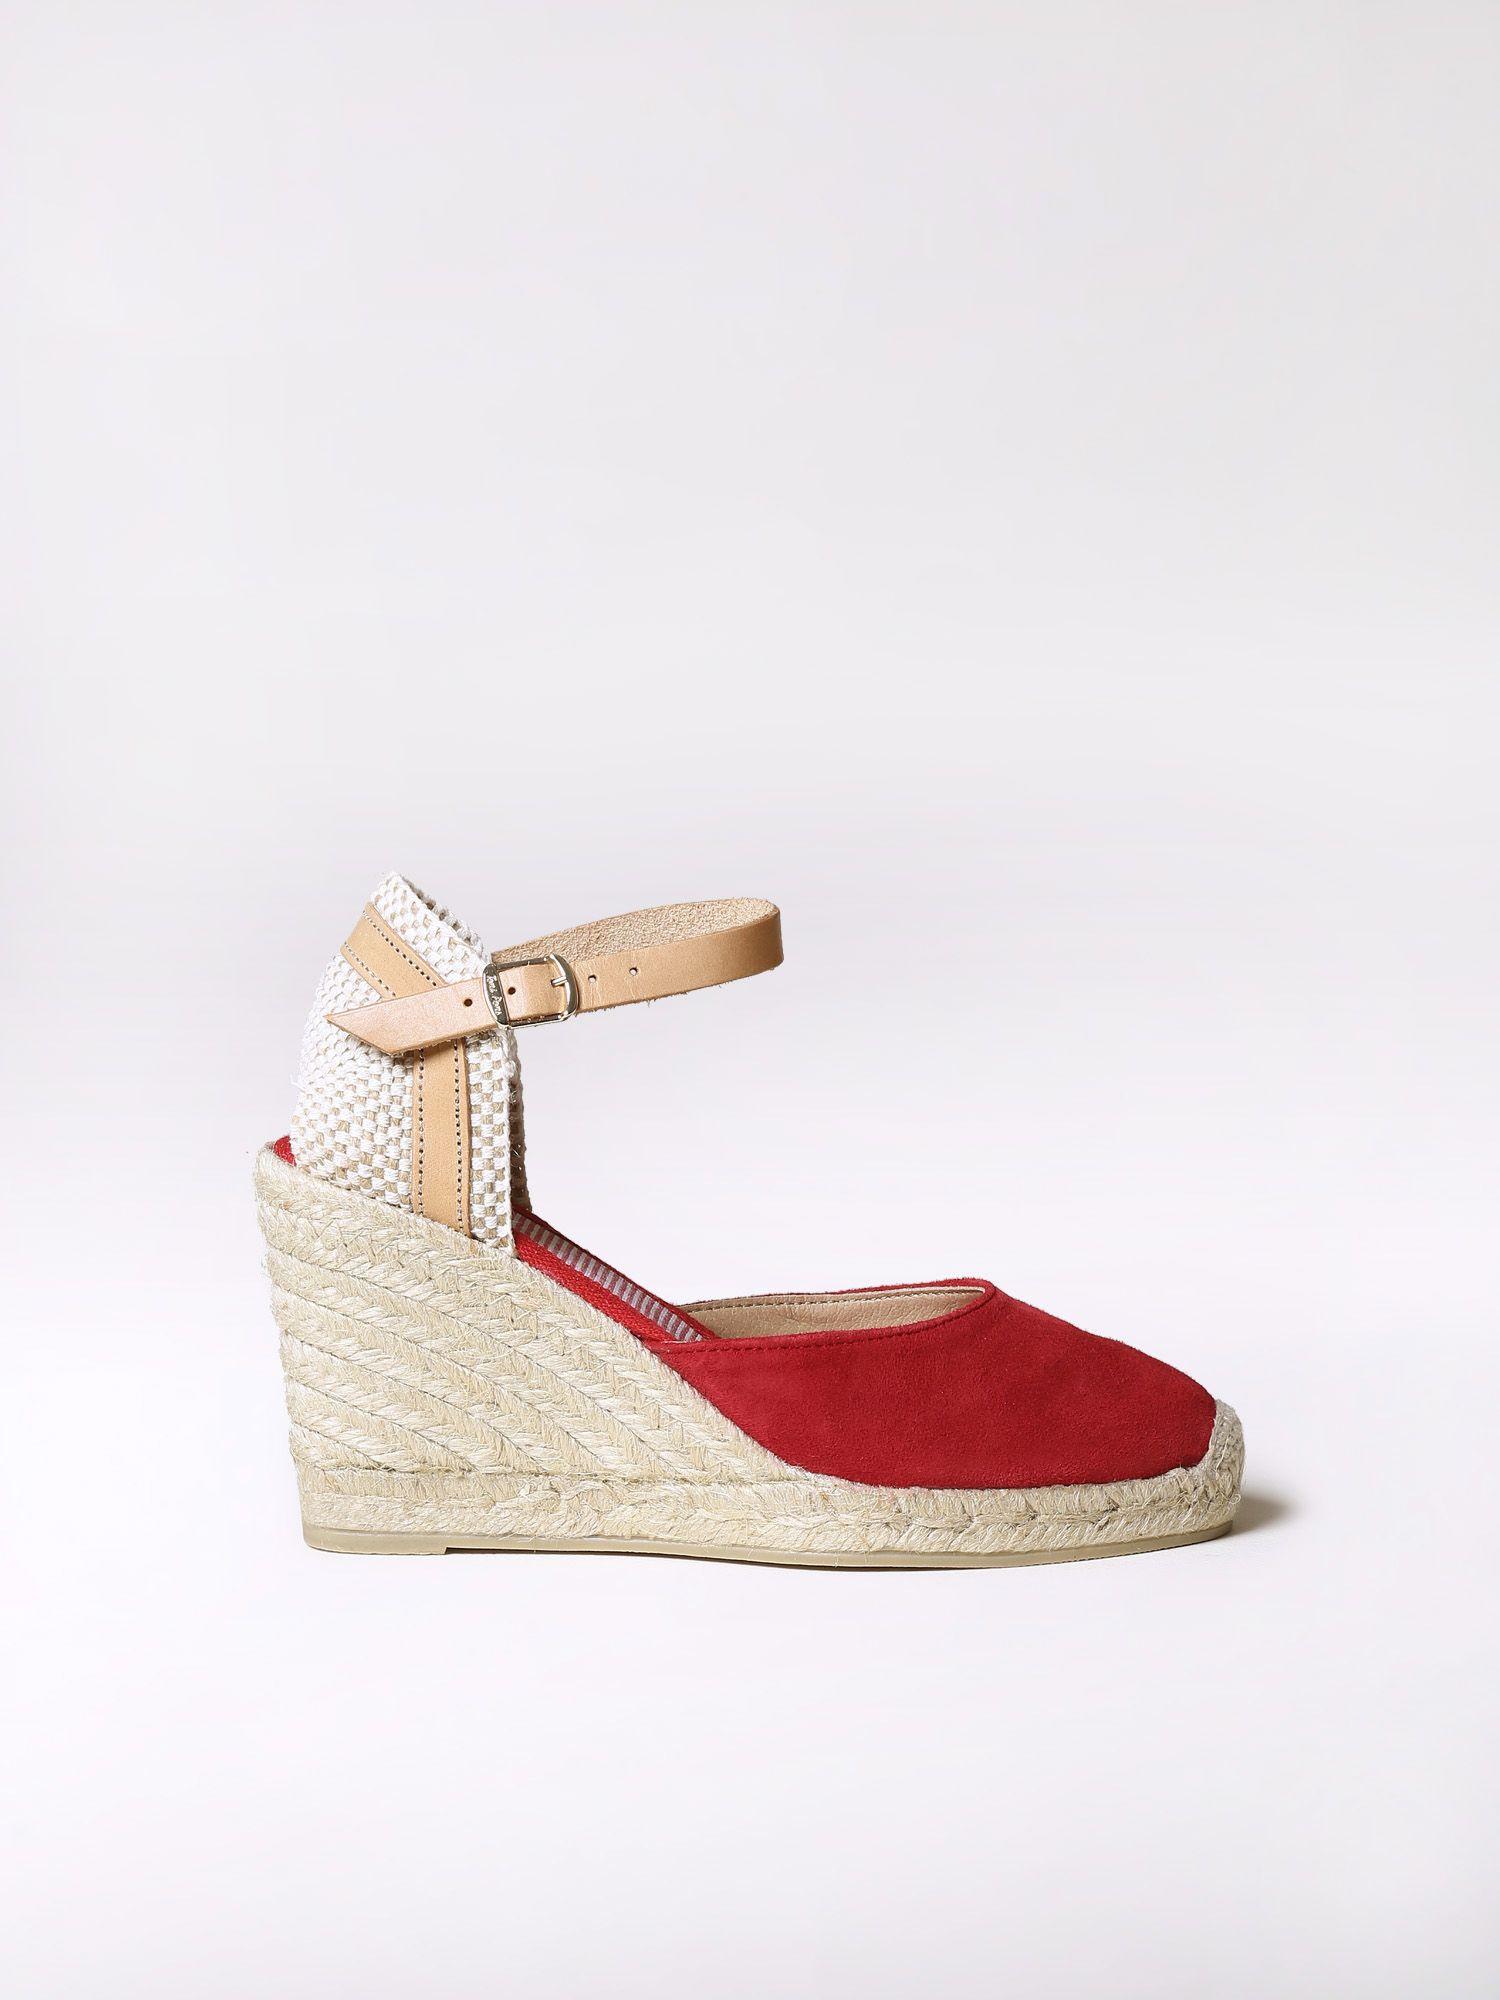 Classic high heel espadrilles - LLURIA-A